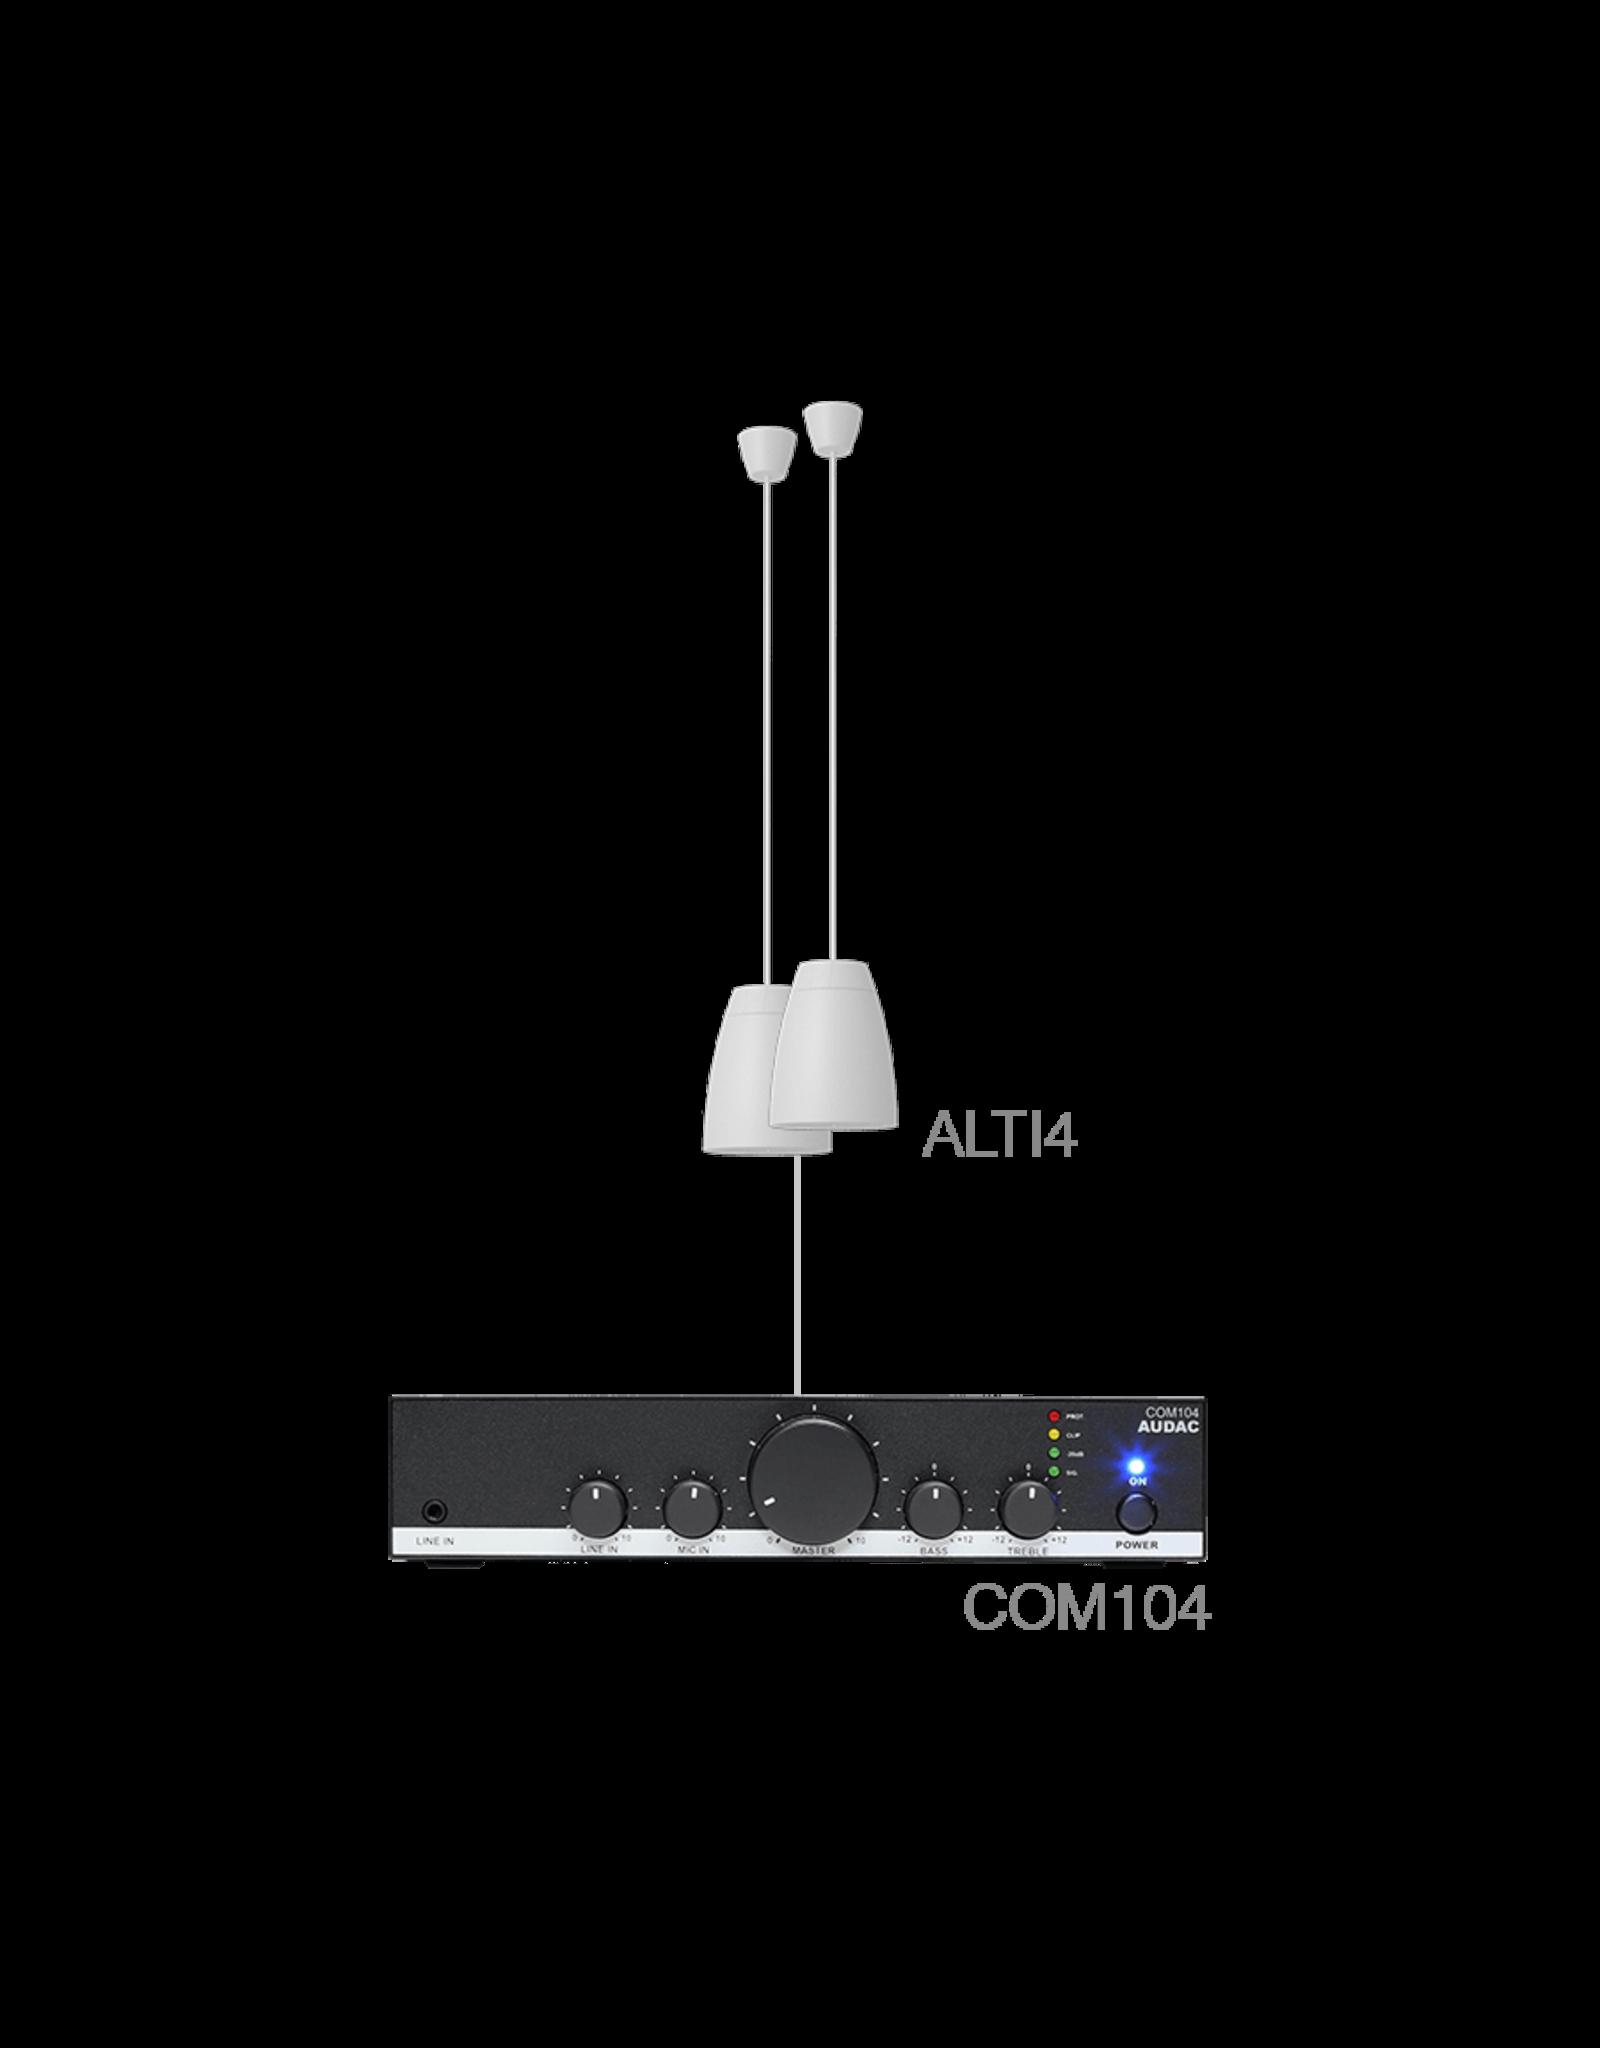 Audac 2 x ALTI4/W + COM104 White